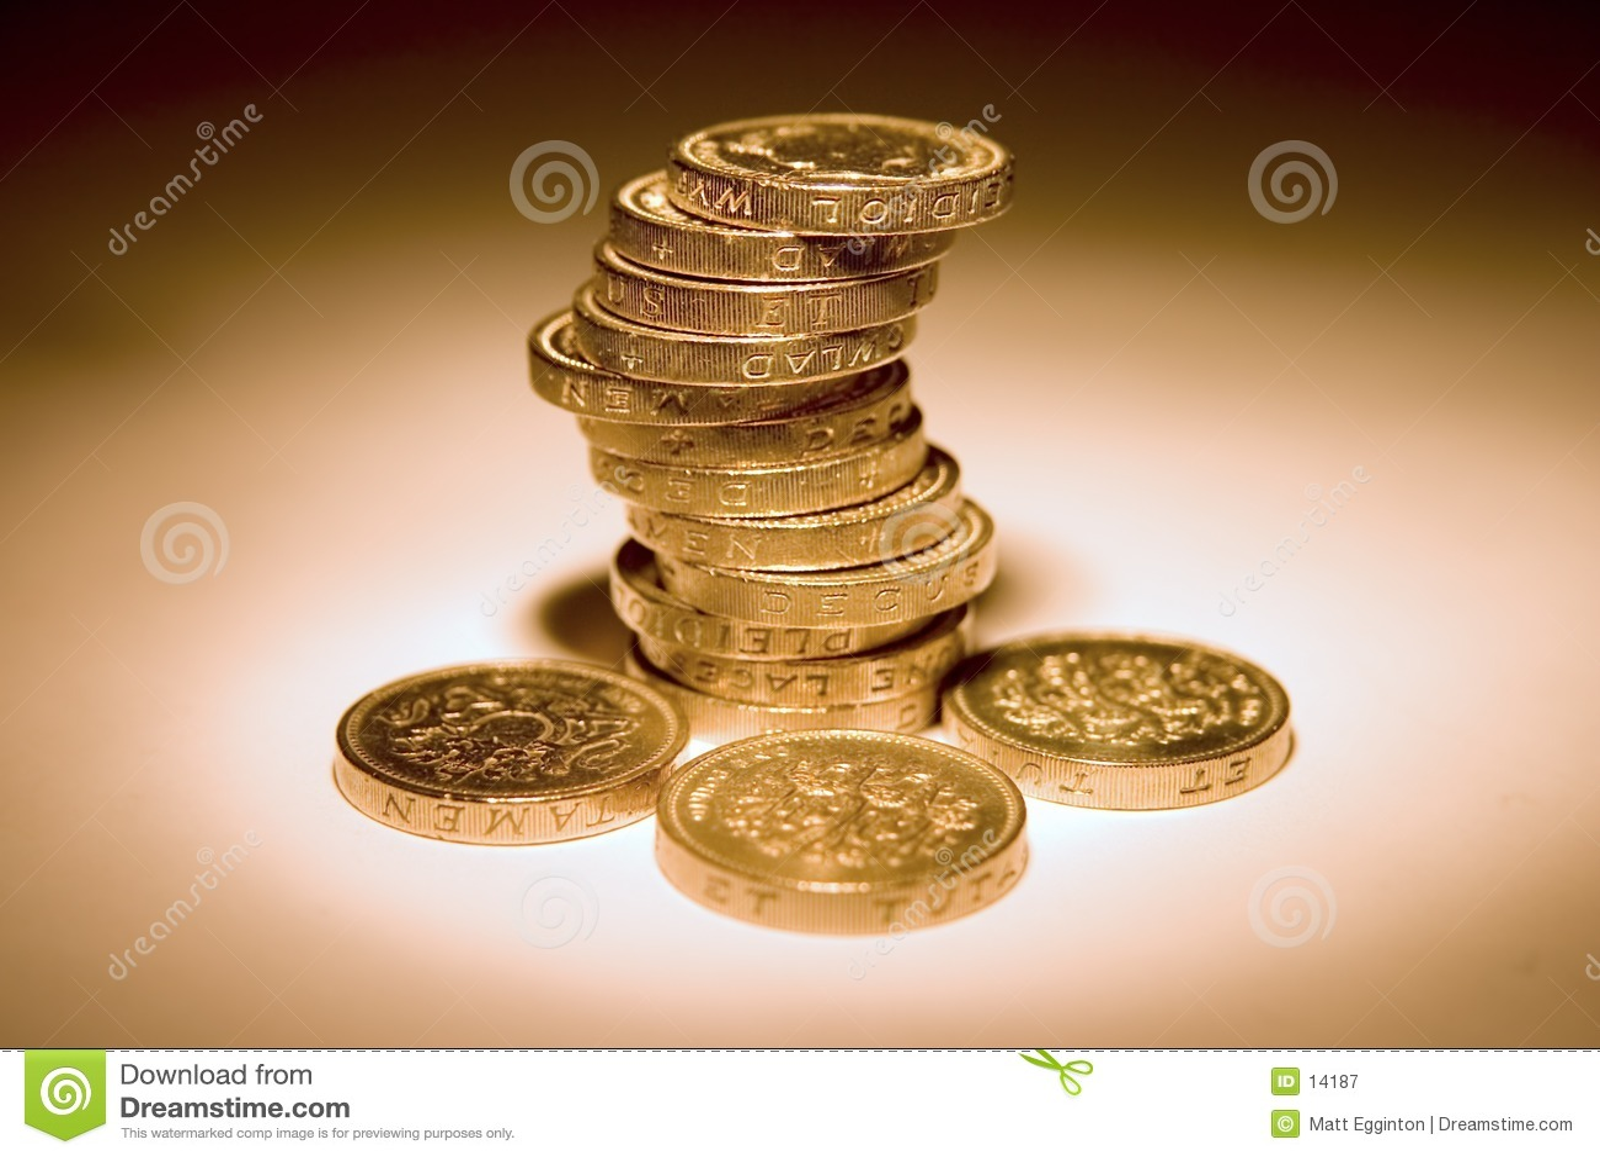 Download Monete BRITANNICHE immagine stock. Immagine di libbra, pila - 14187